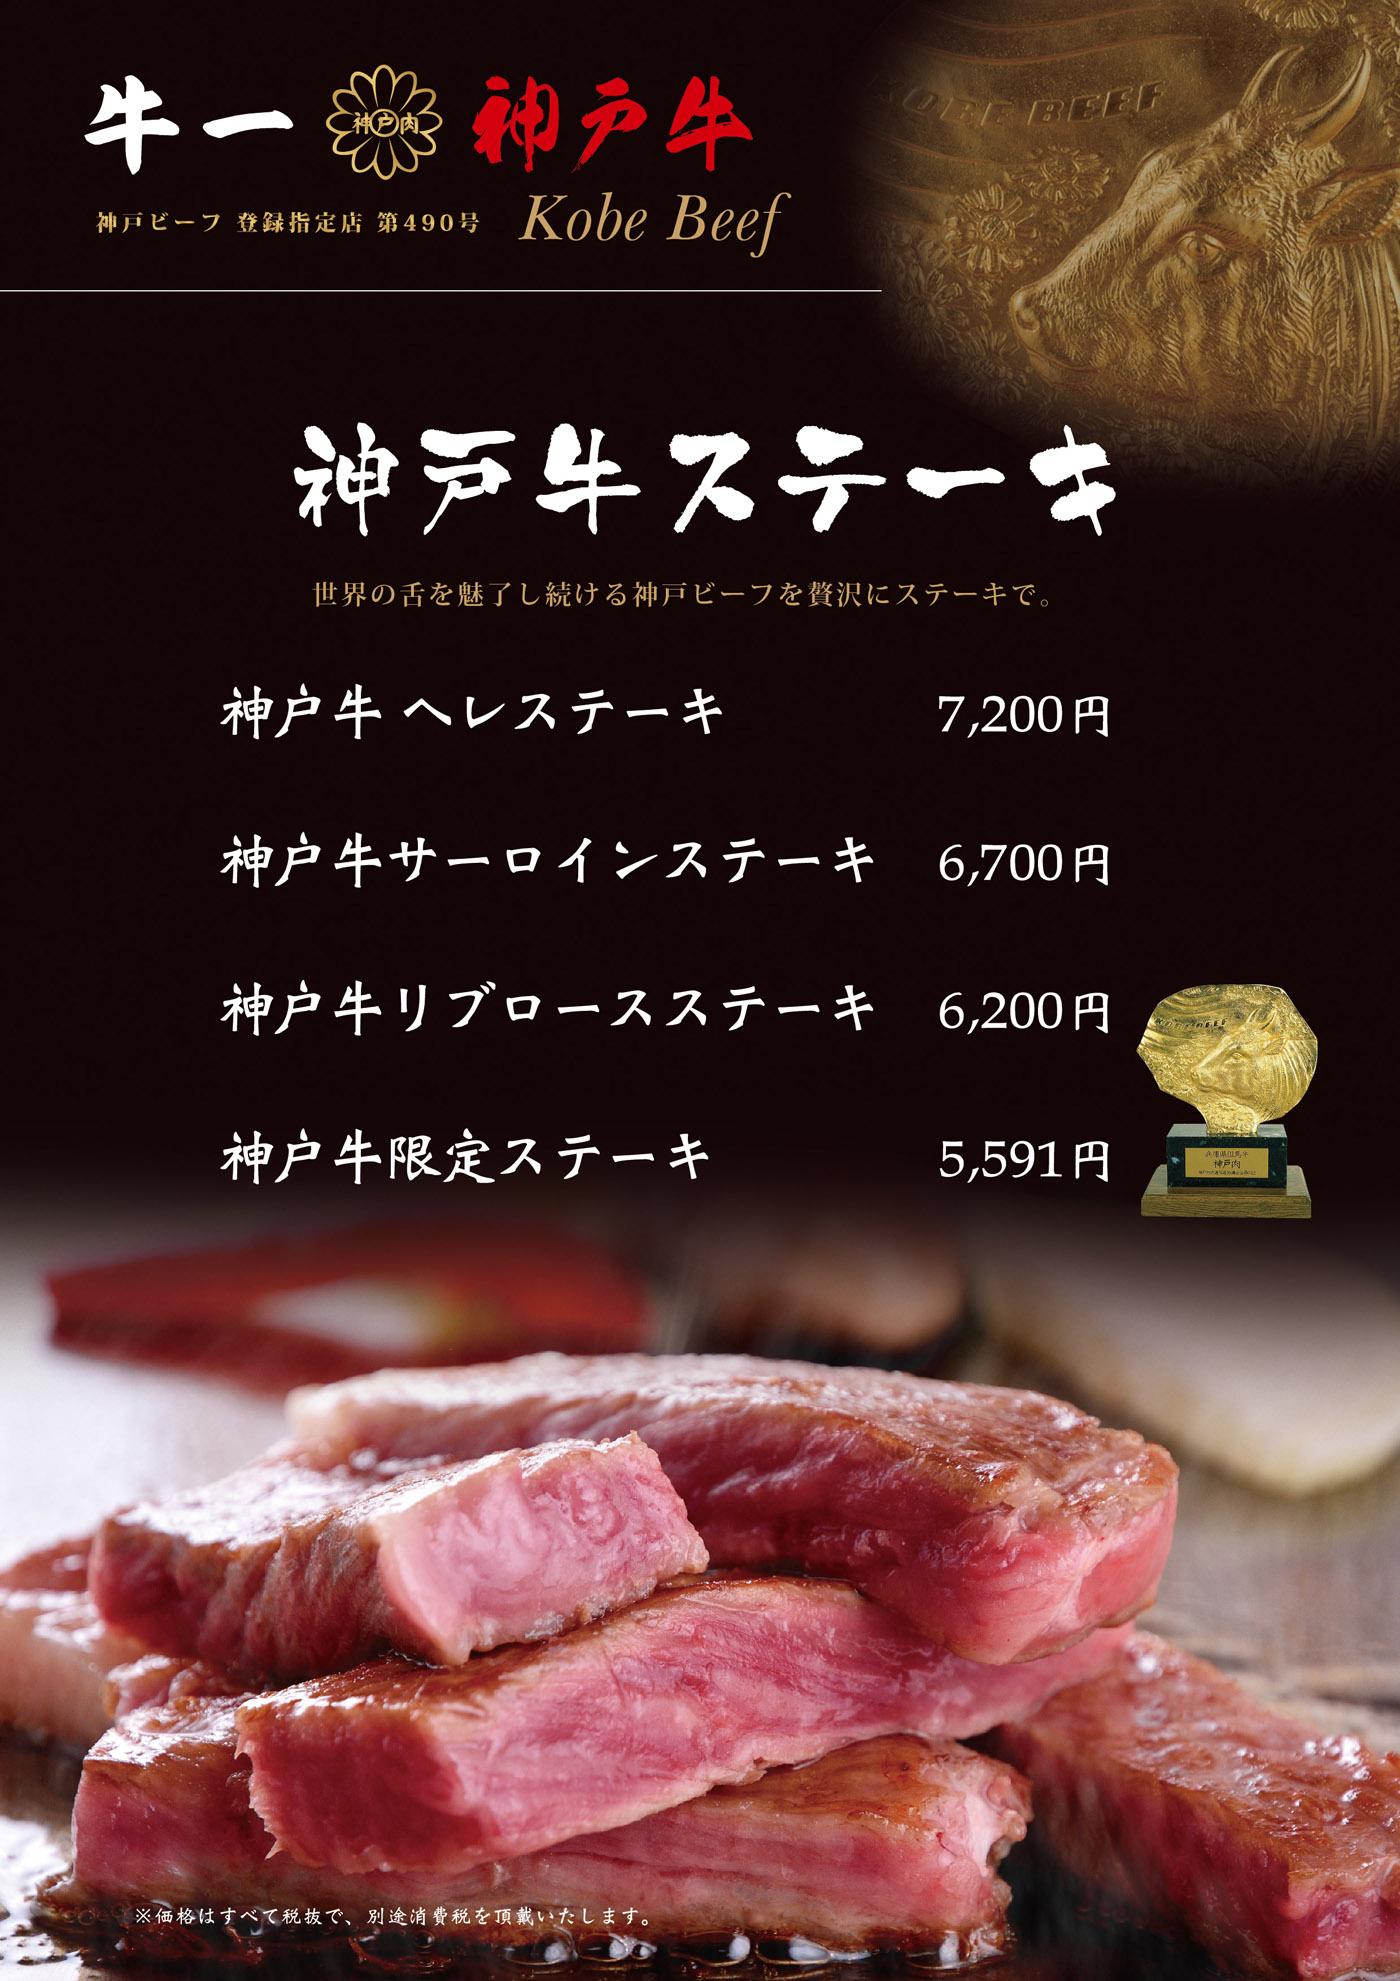 神戸牛ステーキコースの内容